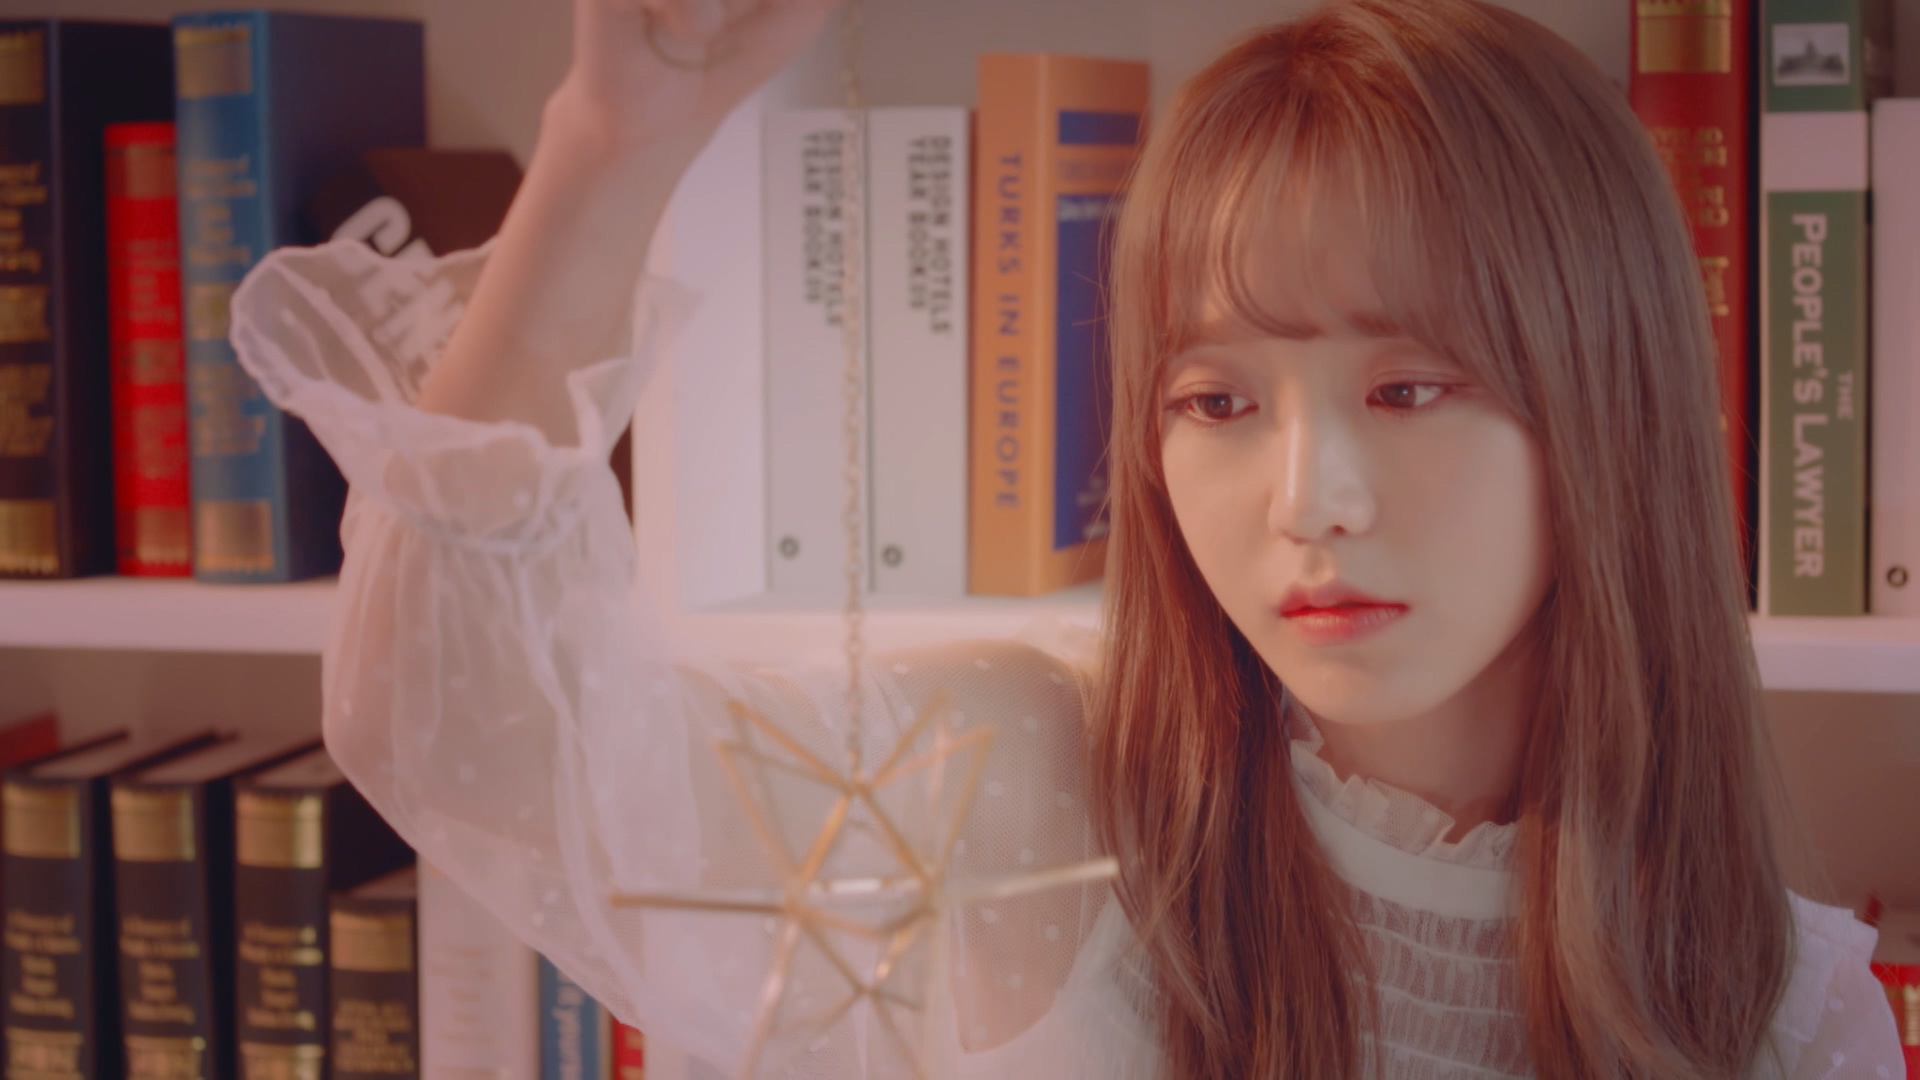 ★김소희★ 소복소복(Feat. 예지 of 피에스타) Music Video